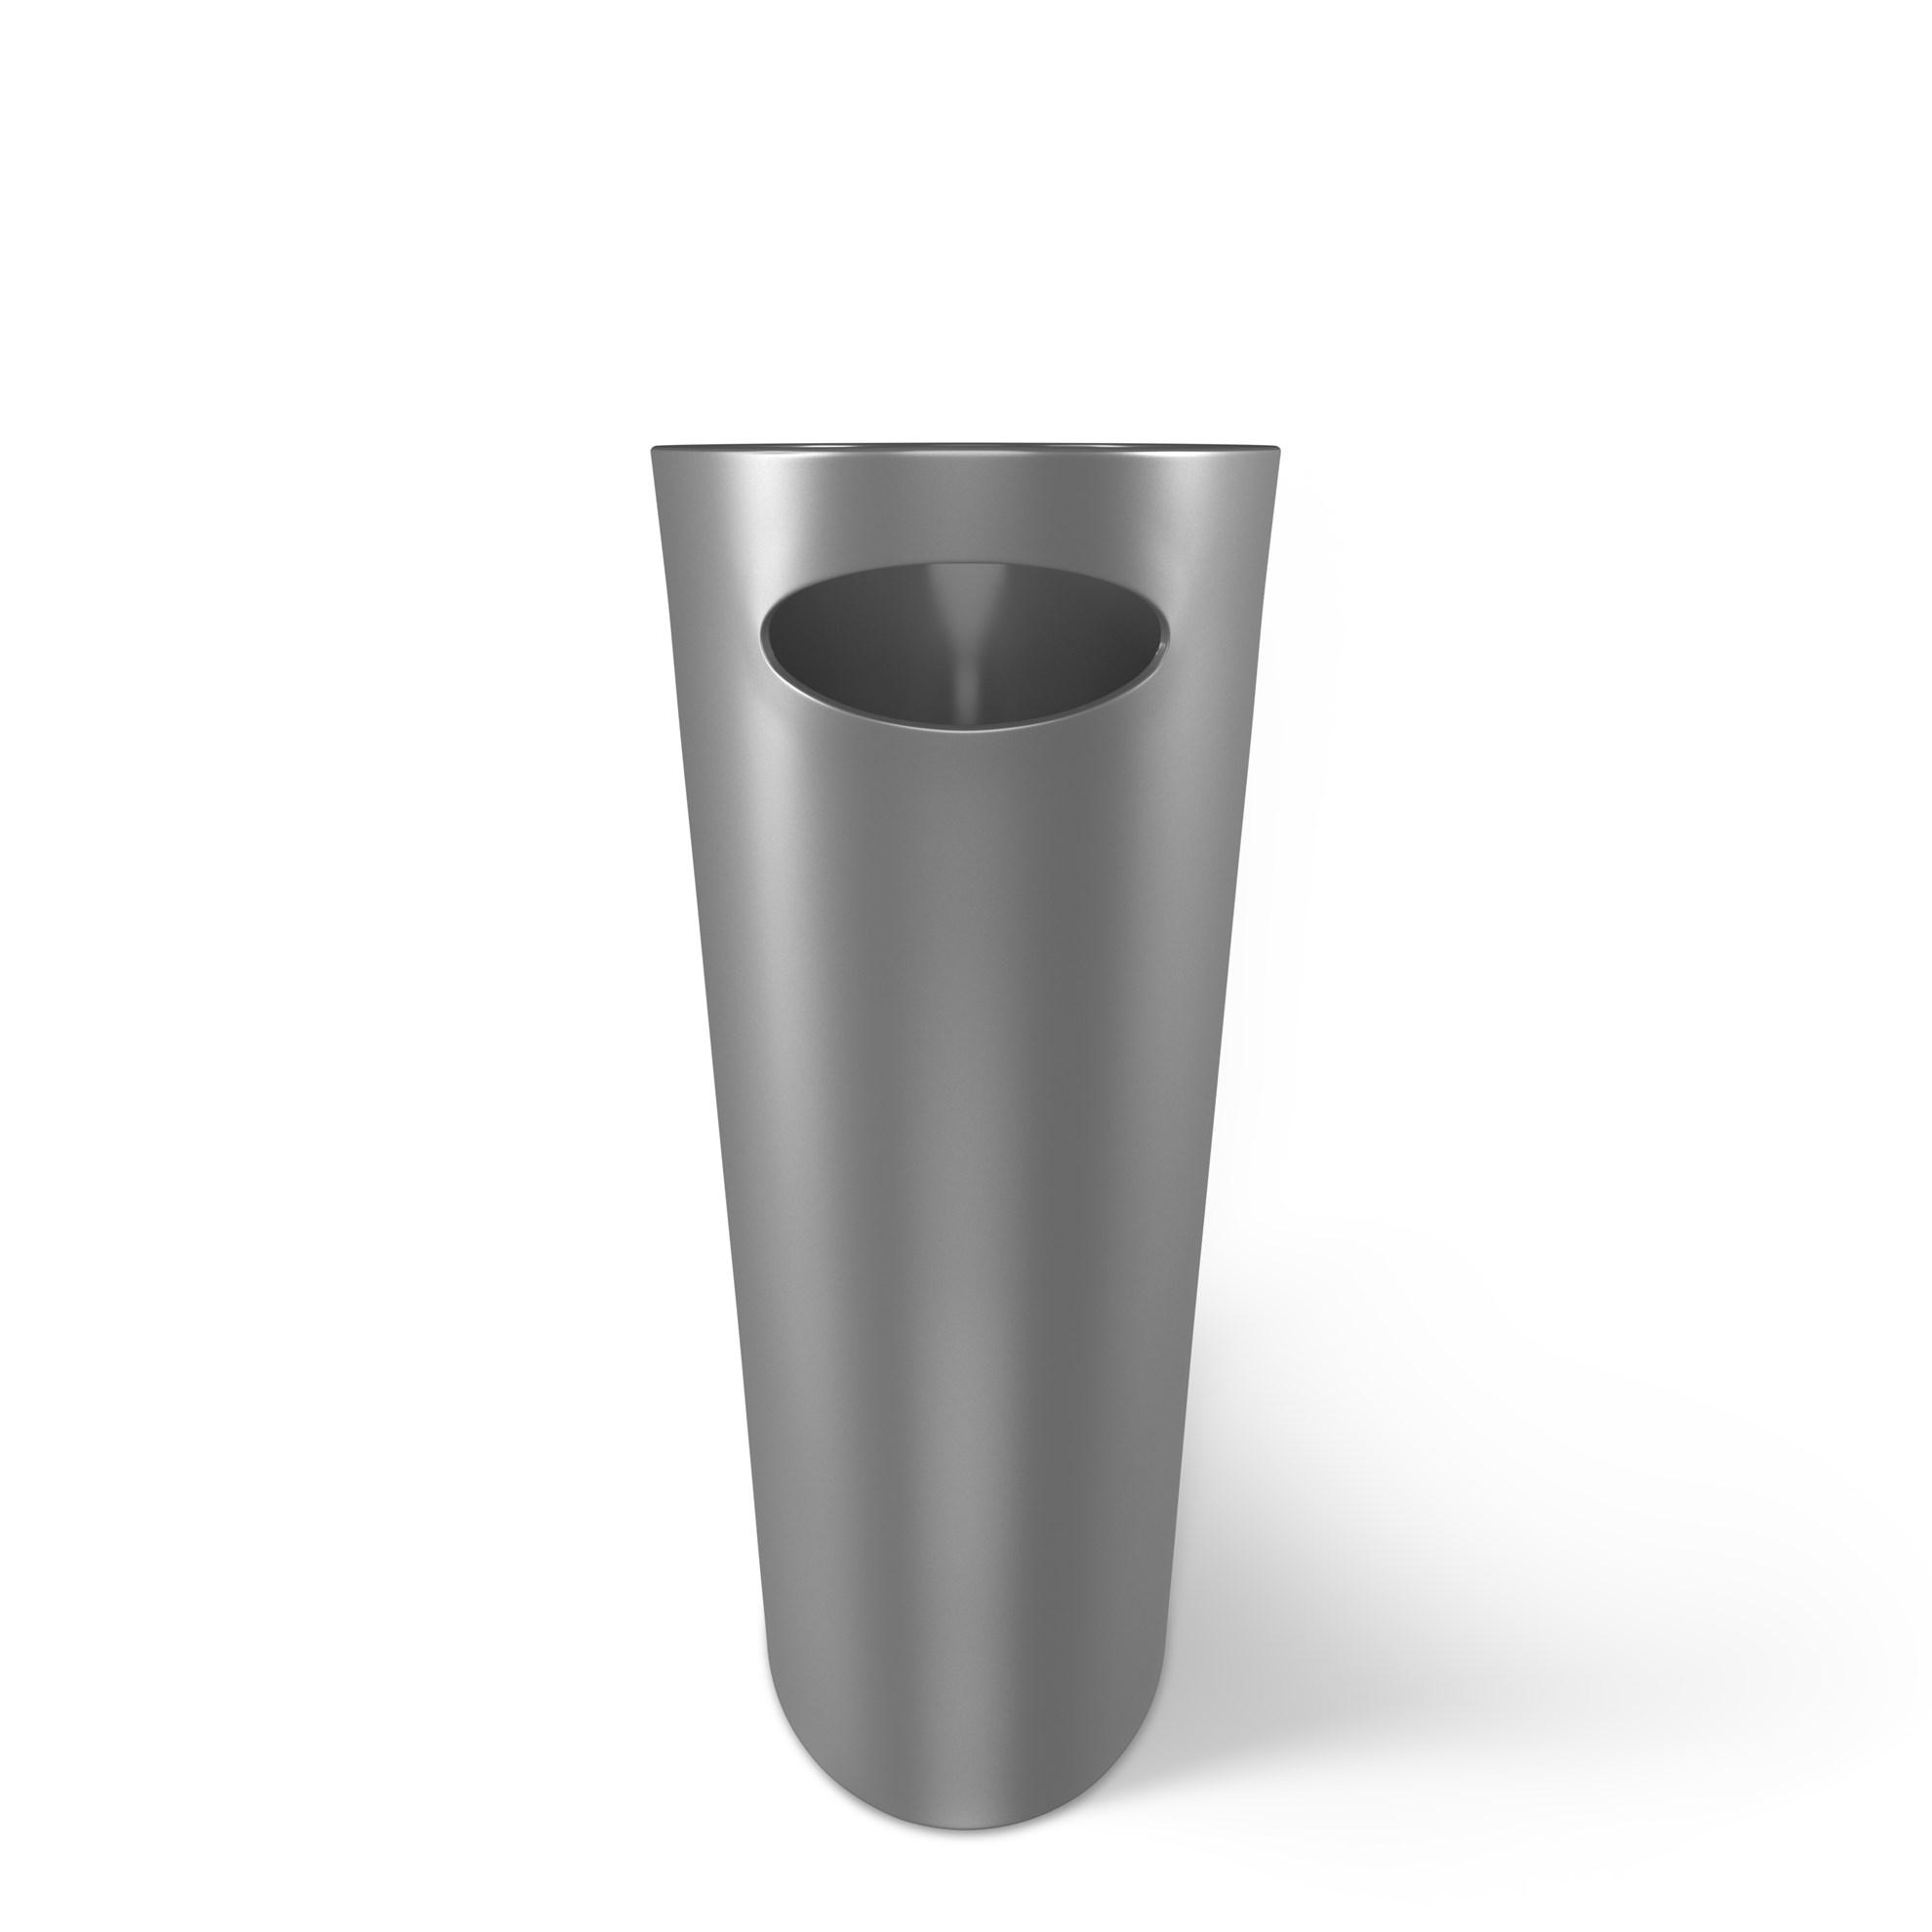 Odpadkový koš SKINNY 7,5 l stříbrný_1